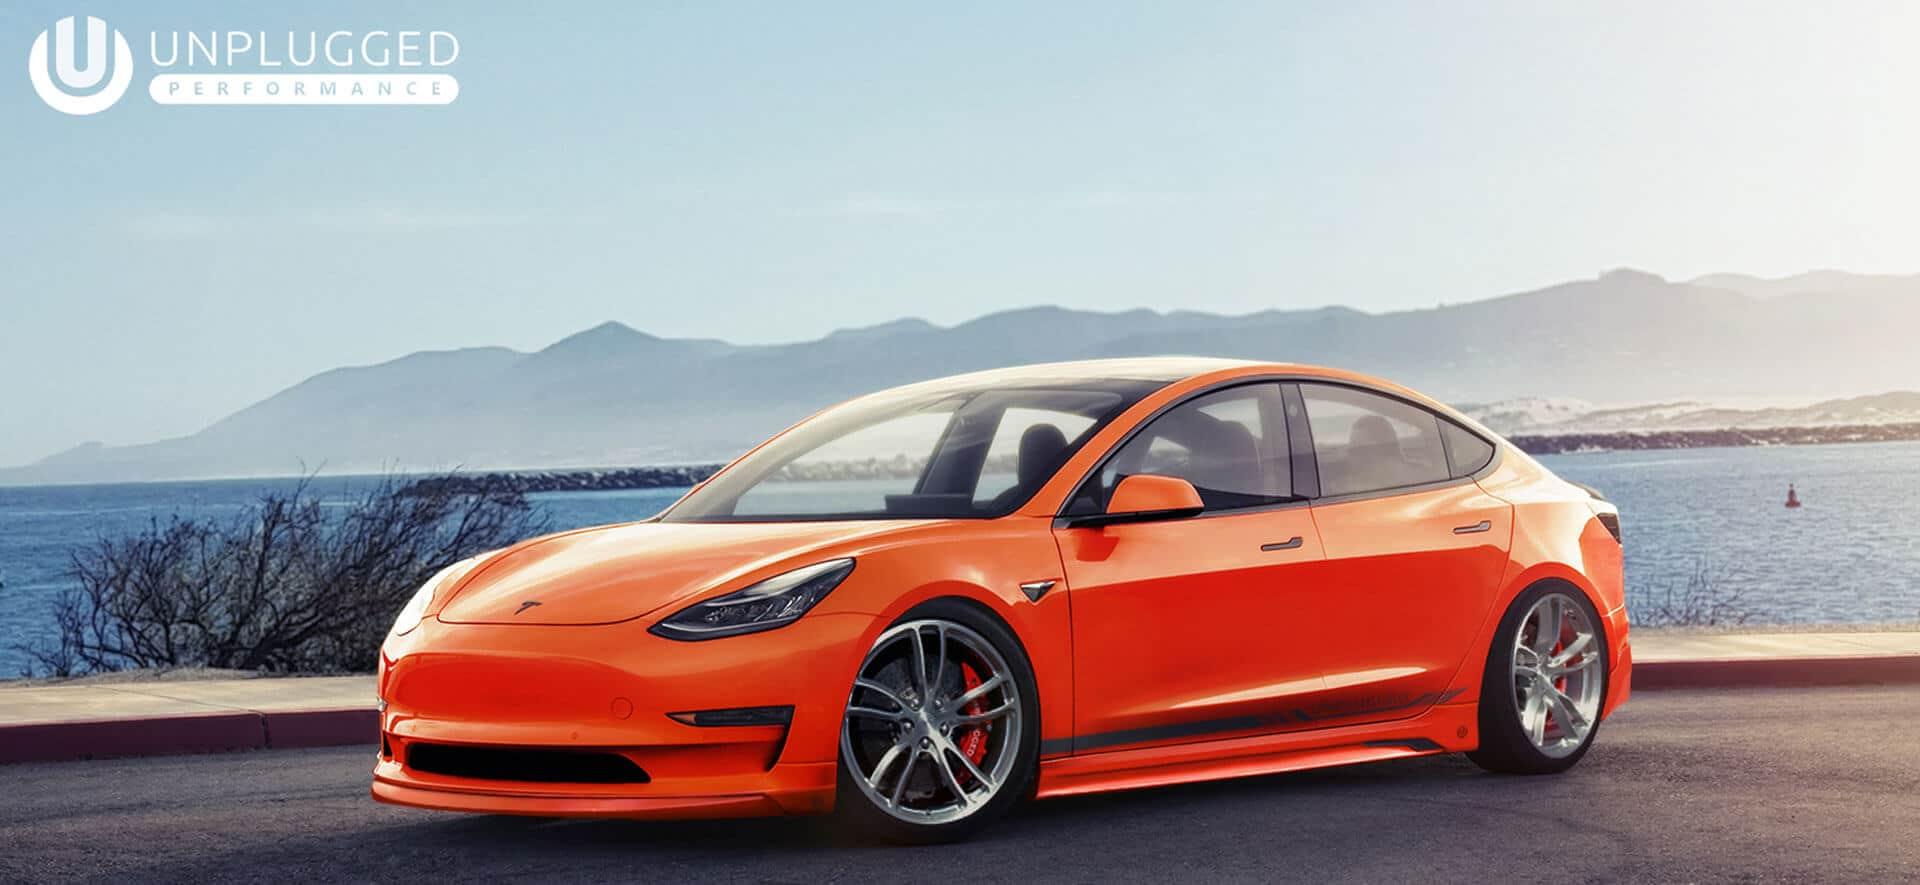 Unplugged-Performance-Tesla-Model-3-Concept-Front-SLIDER.jpg